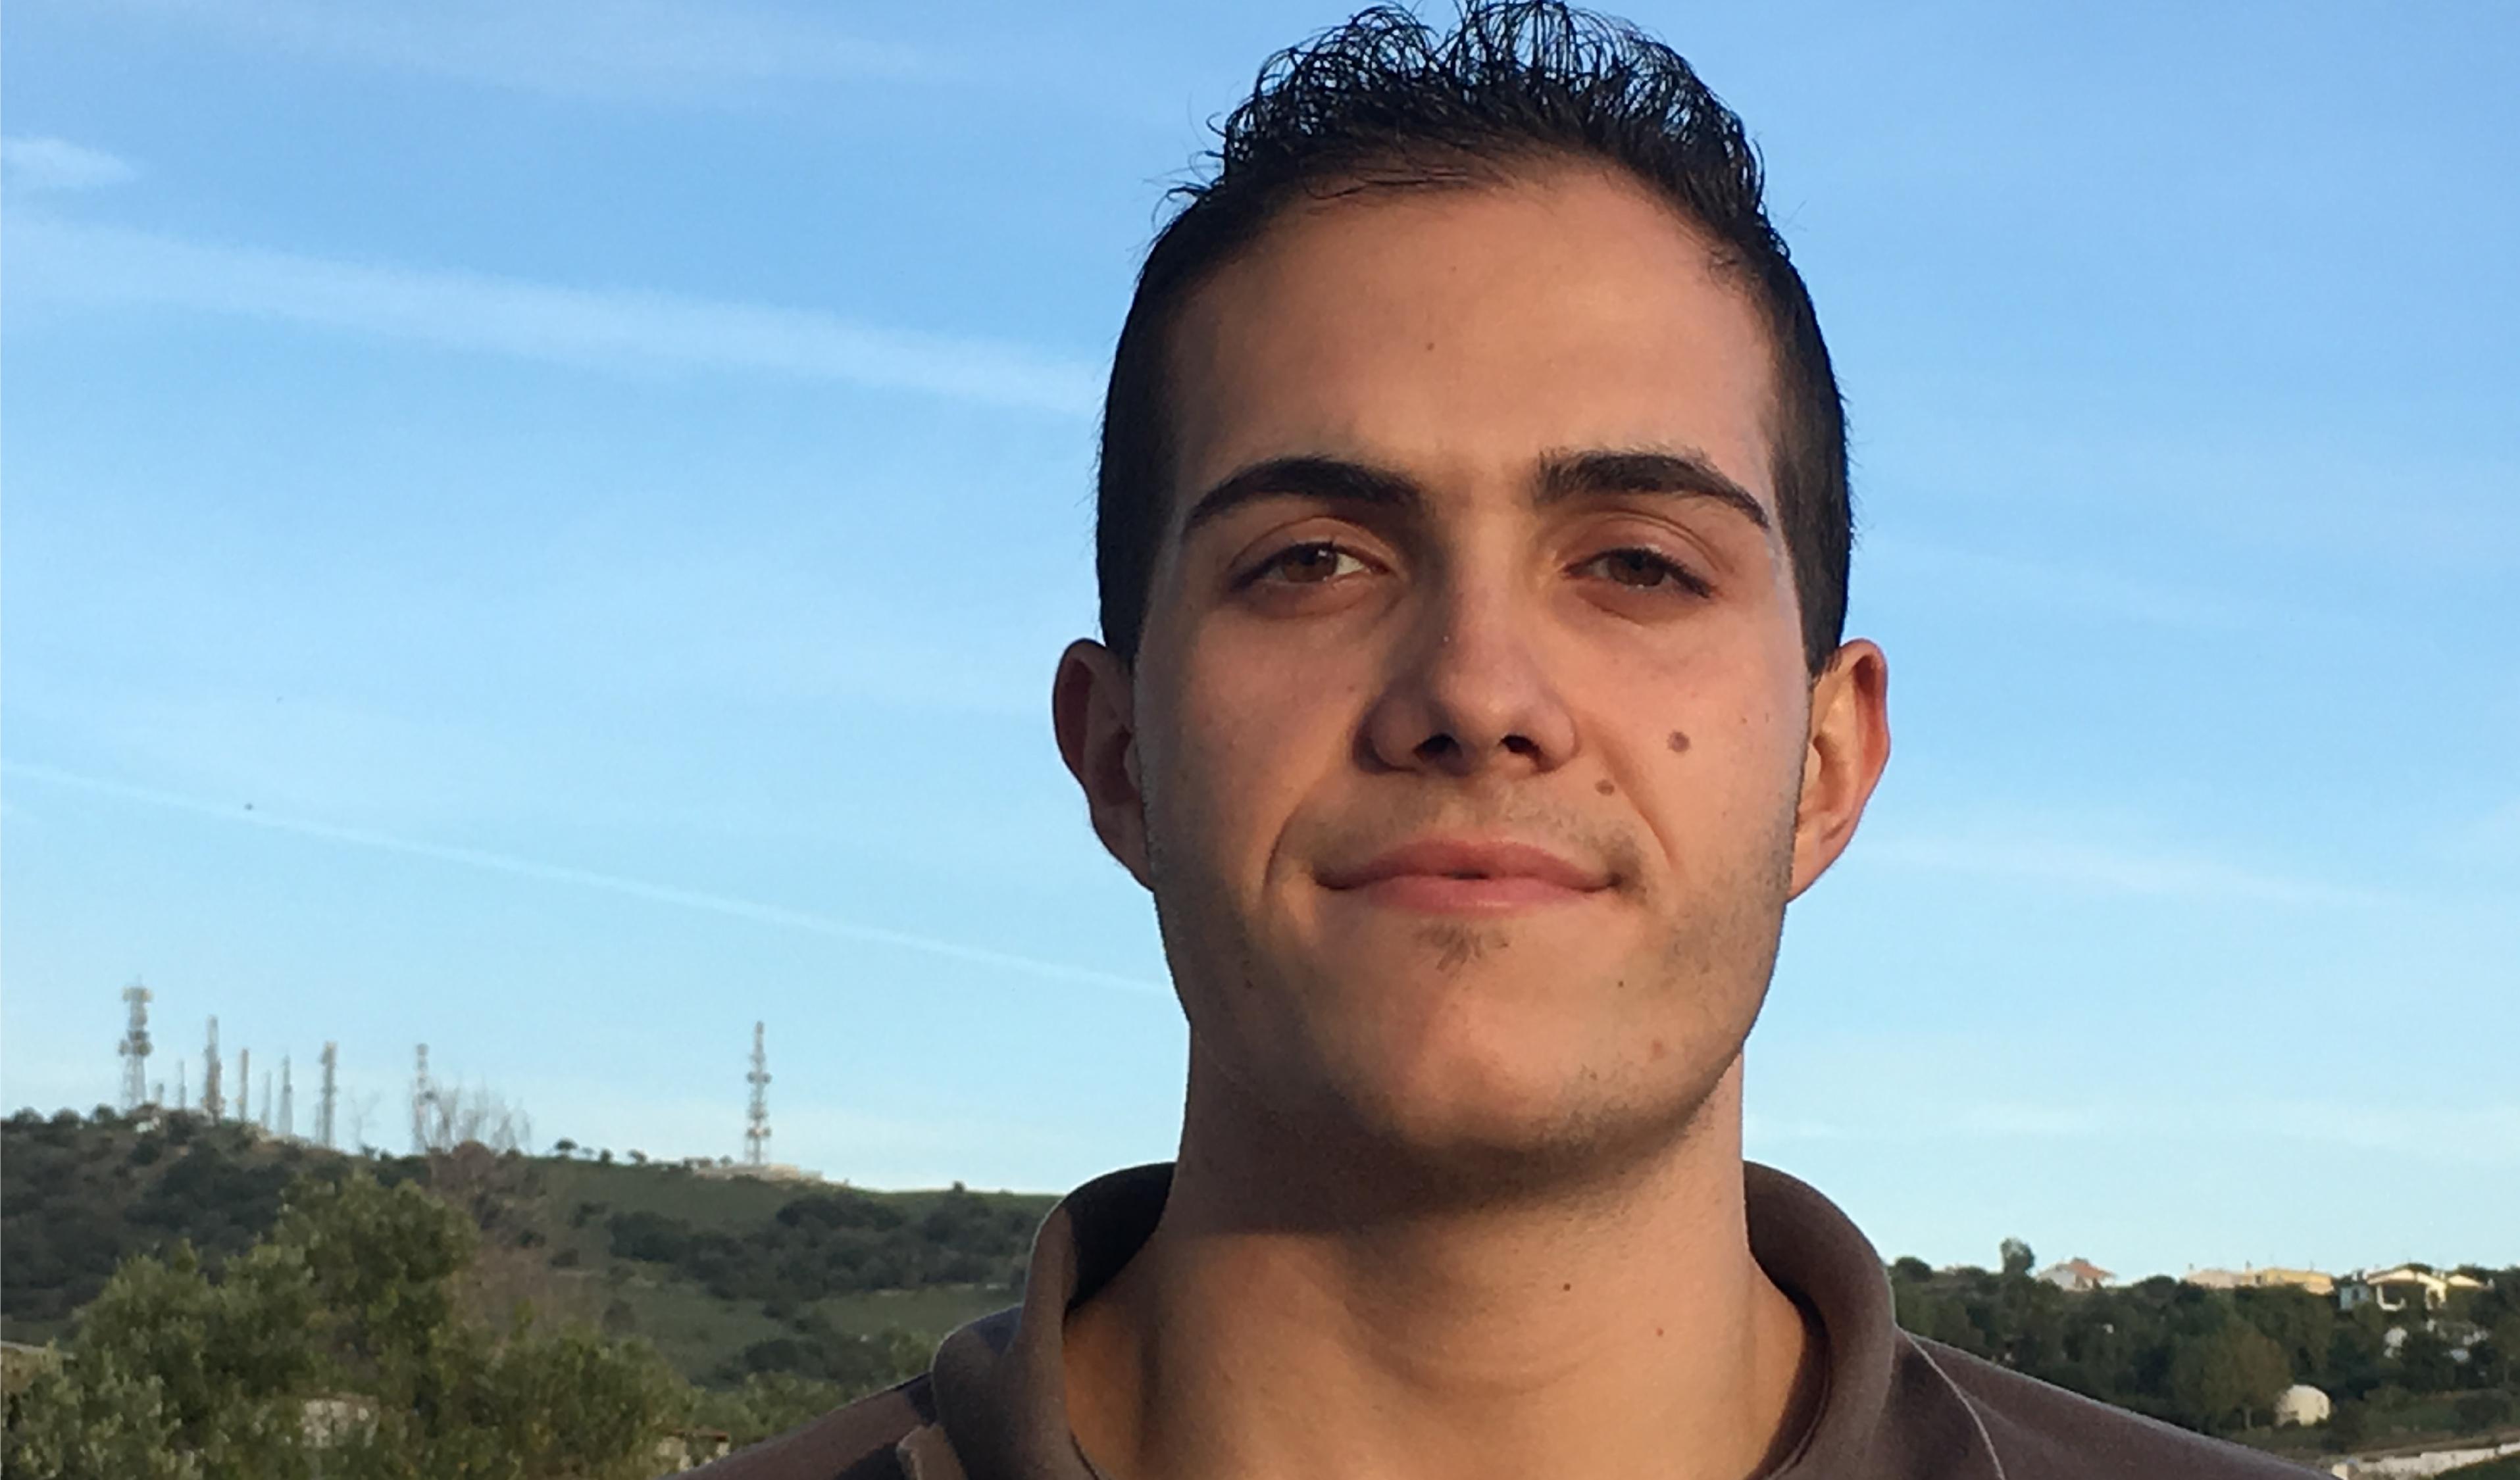 Mauro Addesso